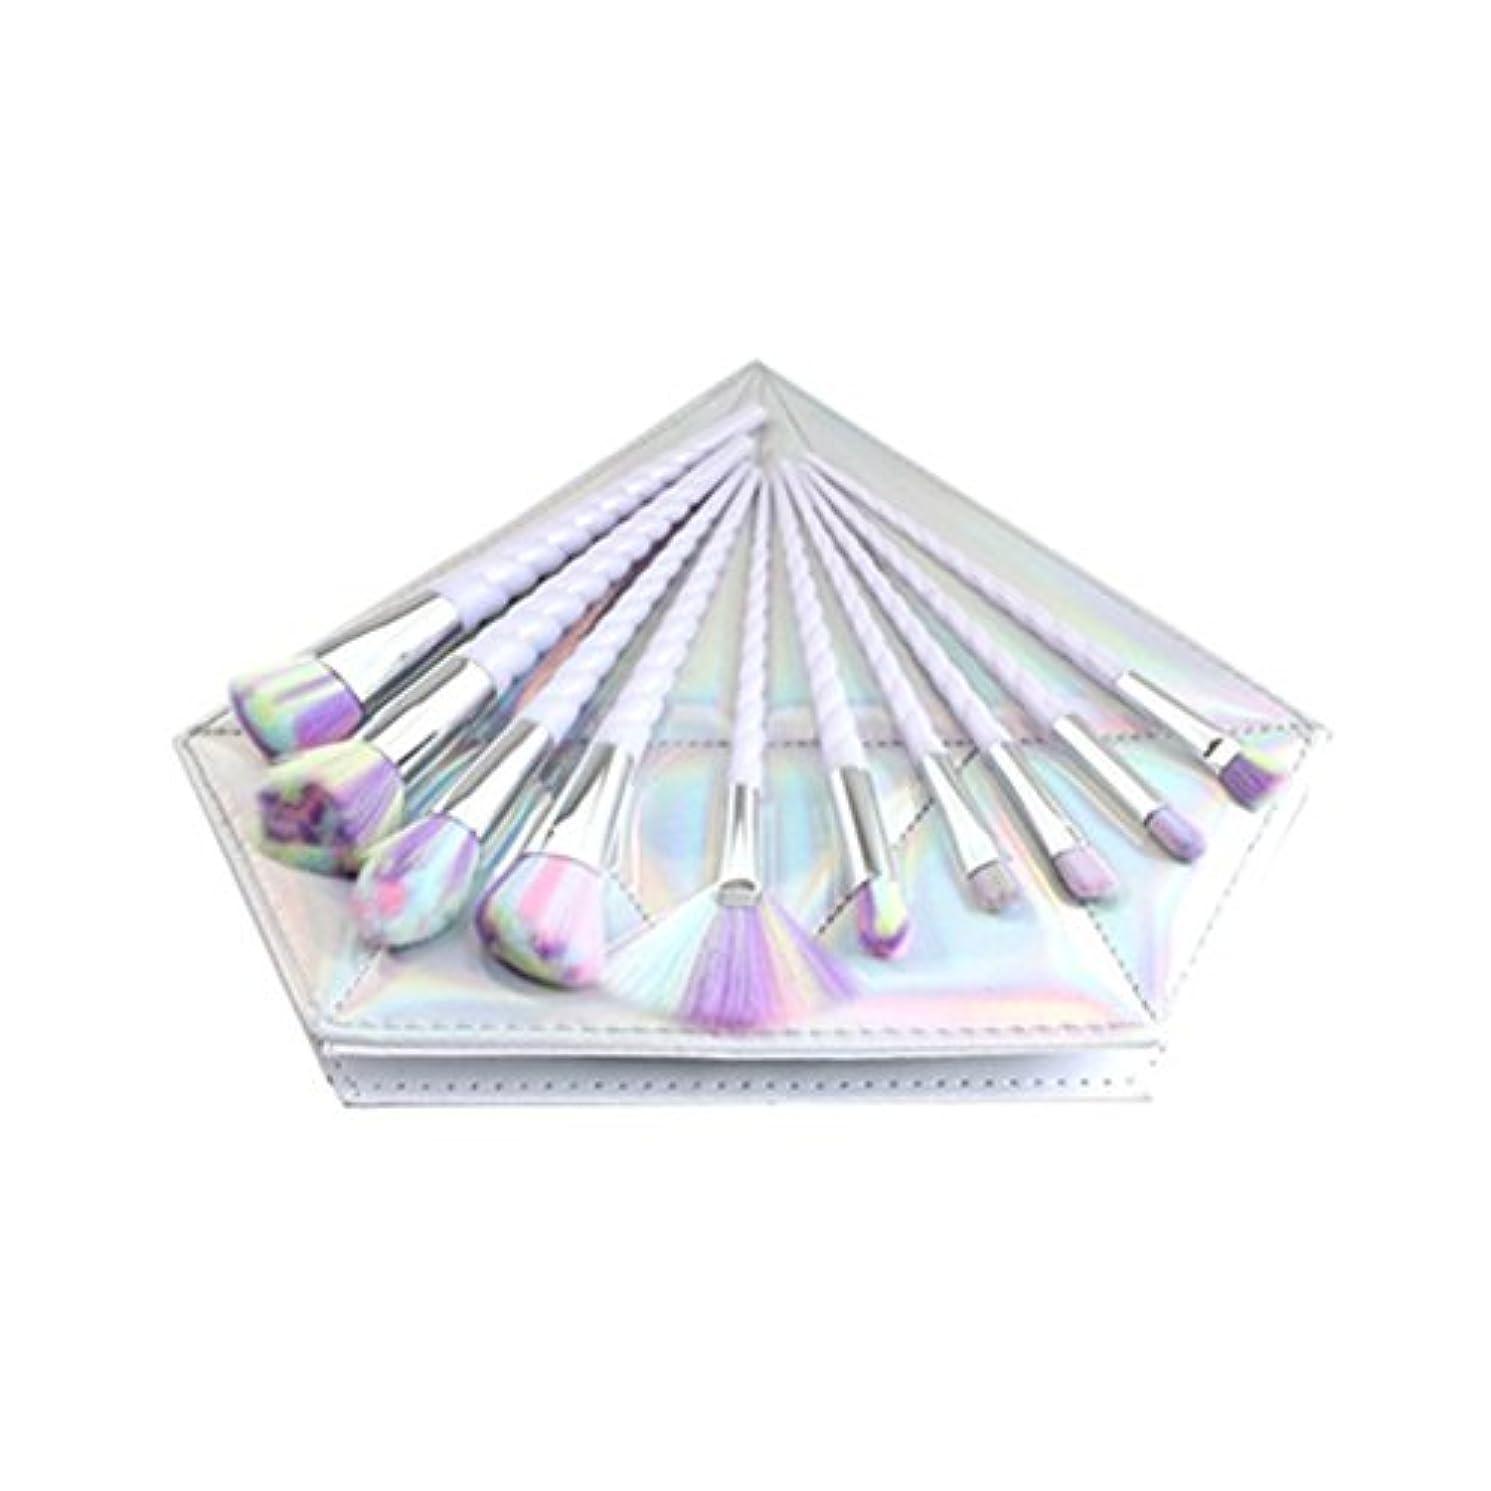 レビュアー白鳥似ているDilla Beauty 10本セットユニコーンデザインプラスチックハンドル形状メイクブラシセット合成毛ファンデーションブラシアイシャドーブラッシャー美容ツール美しい化粧品のバッグを送る (白いハンドル - 多色の毛)